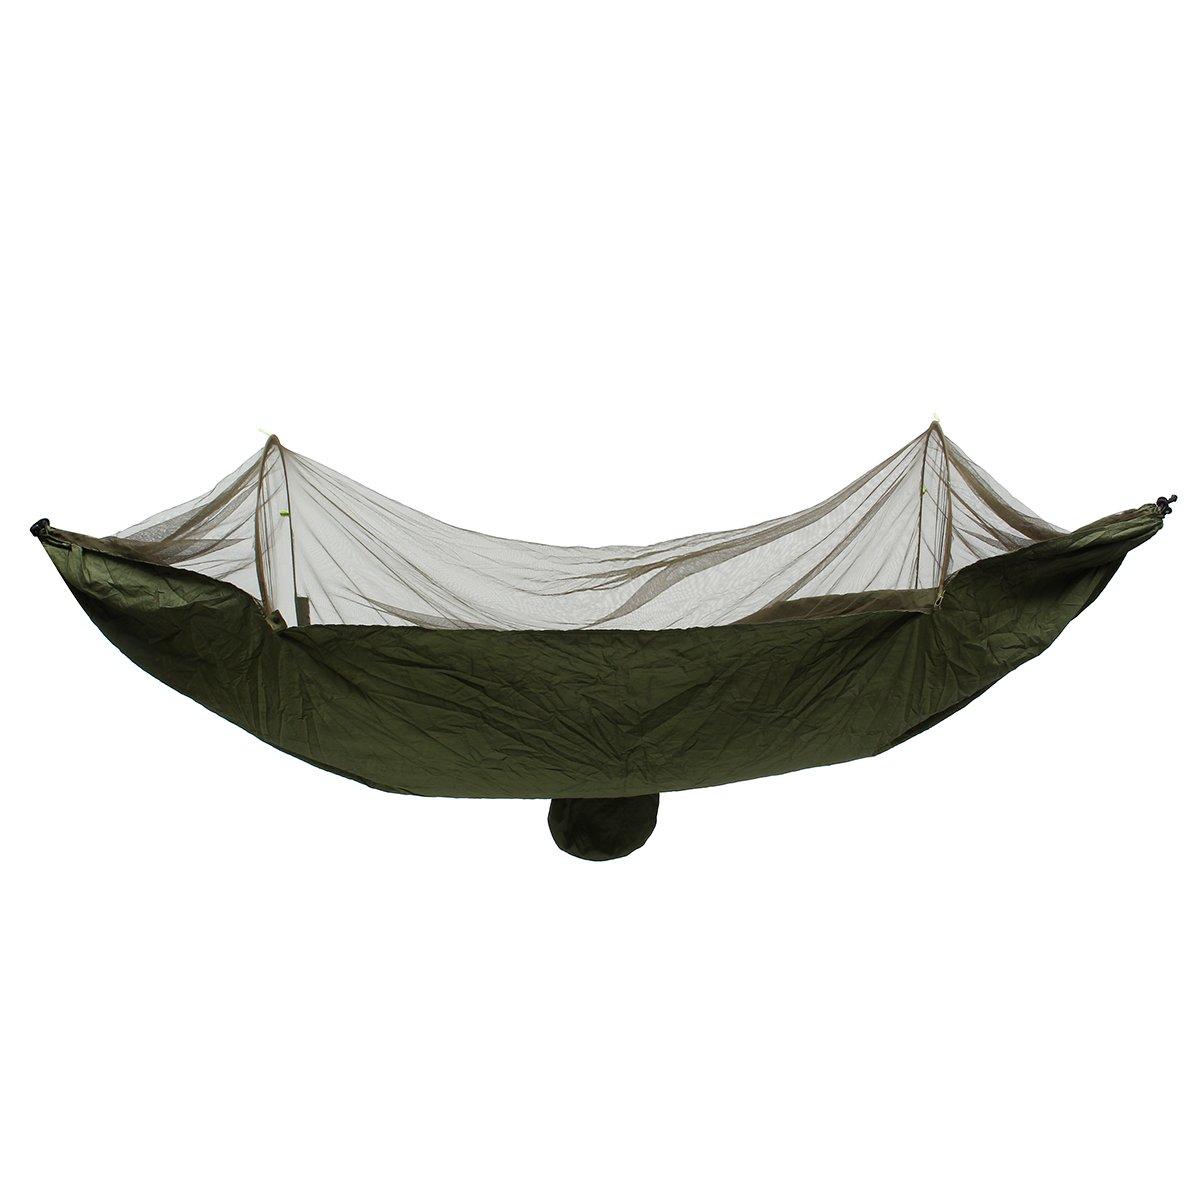 LaDicha 250X120Cm Portable Outdoor Camping Hängematte Schlafen Schaukelbett Moskitonetz - Armee Grün